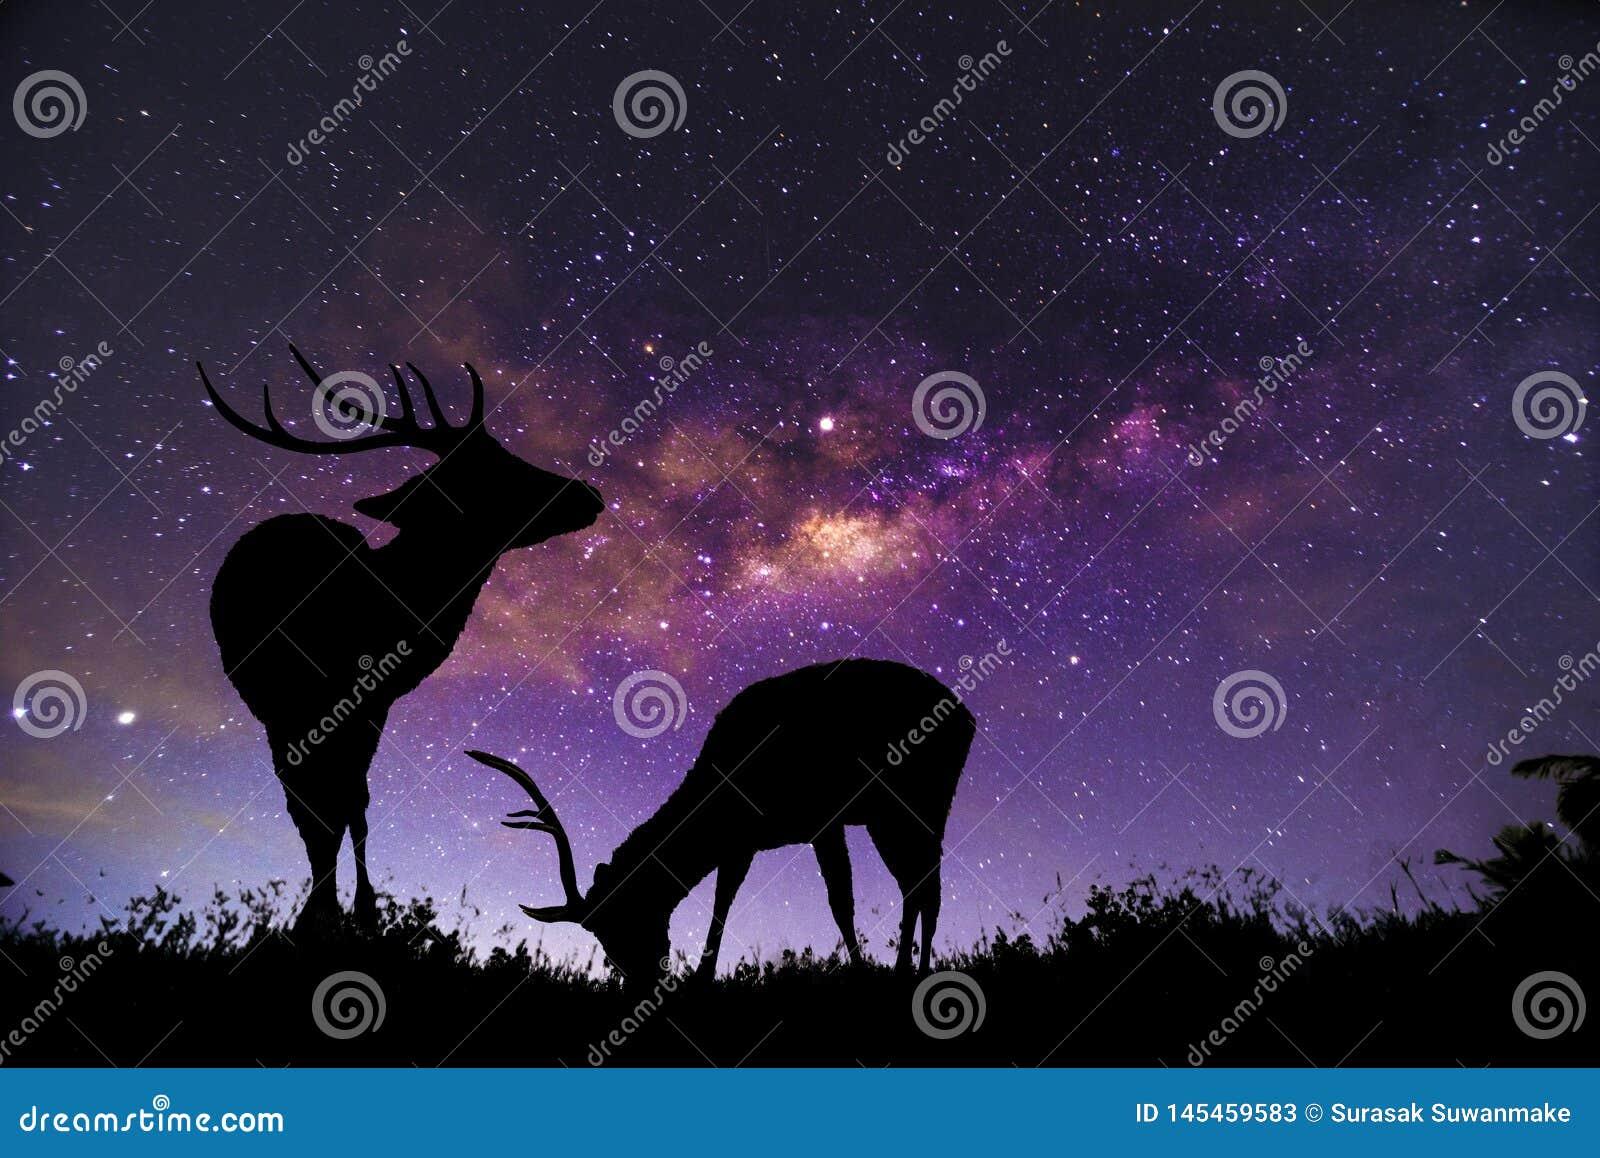 Het hertenbeeld bevindt zich in de Melkwegconstellatie